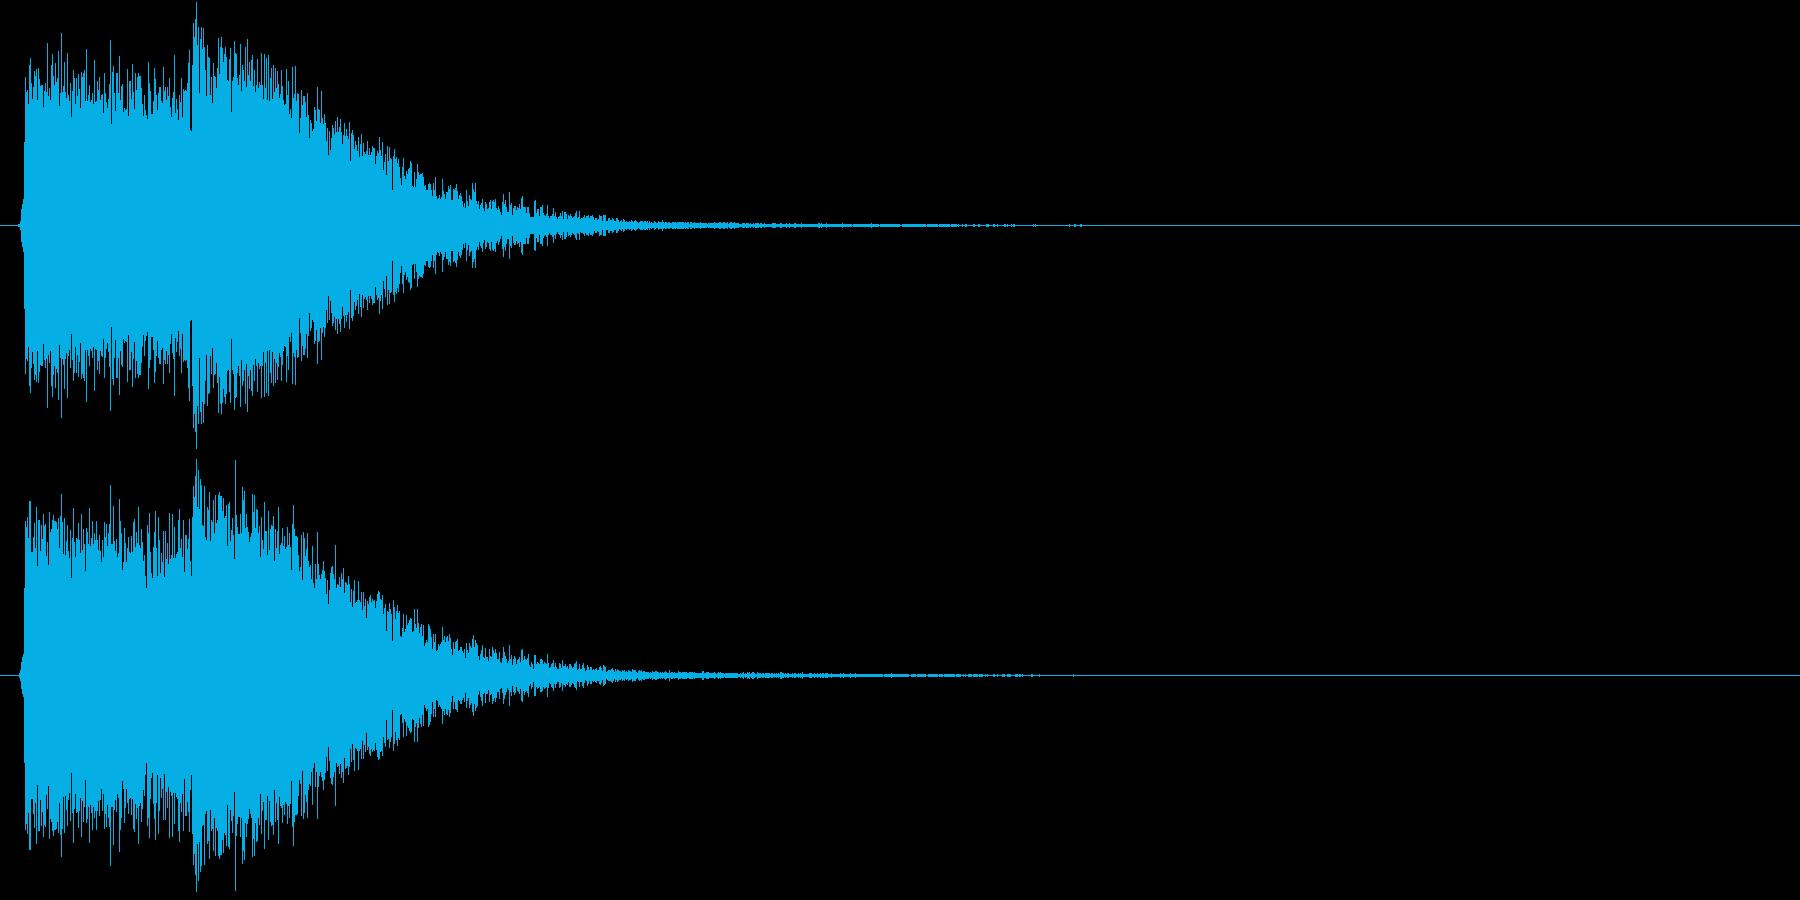 デデデン(出題前によく流れる効果音)の再生済みの波形